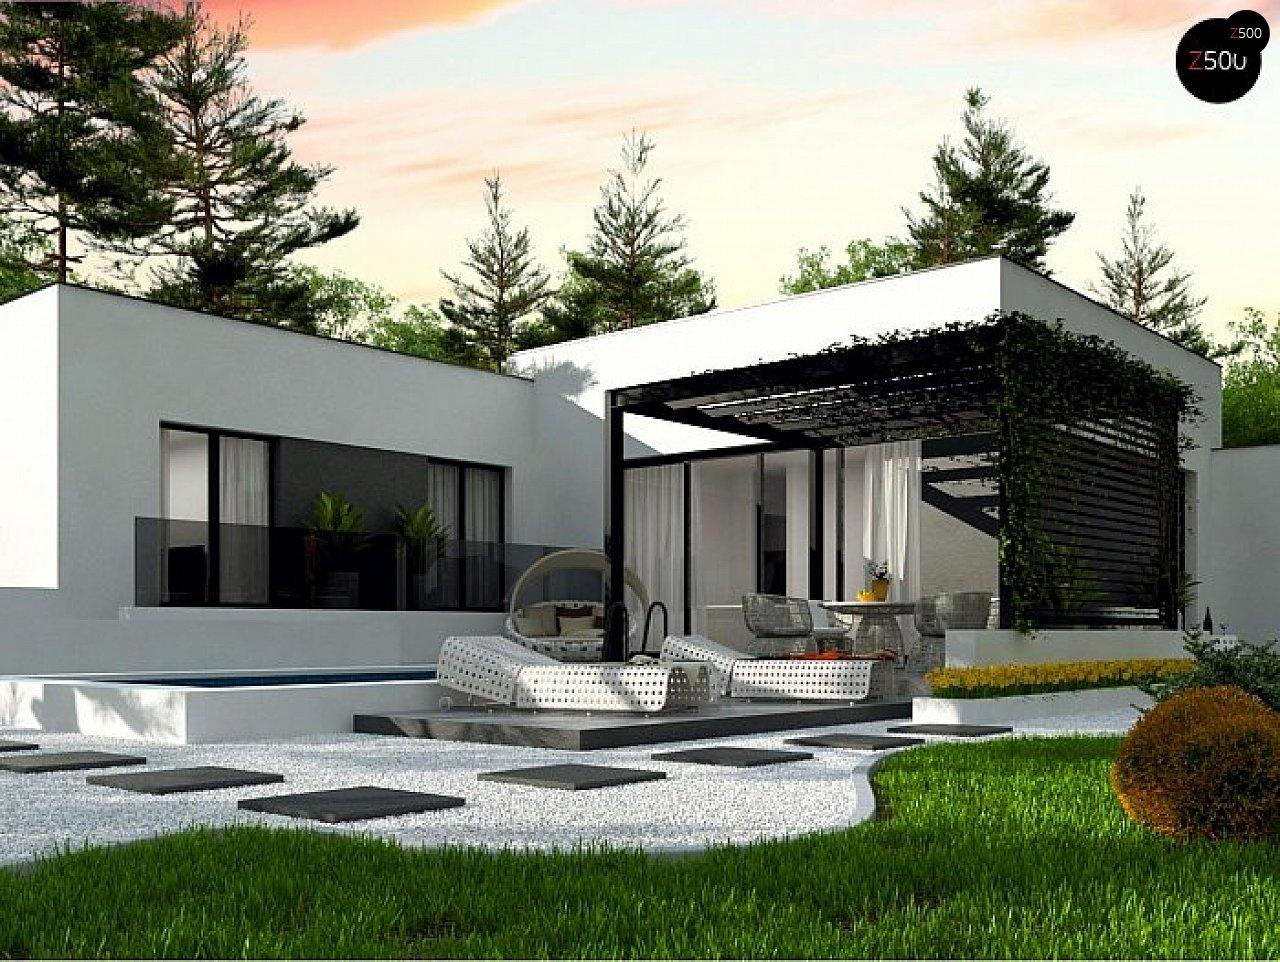 Одноэтажный дом с плоской кровлей адаптированный под строительство в сейсмических районах - фото 1